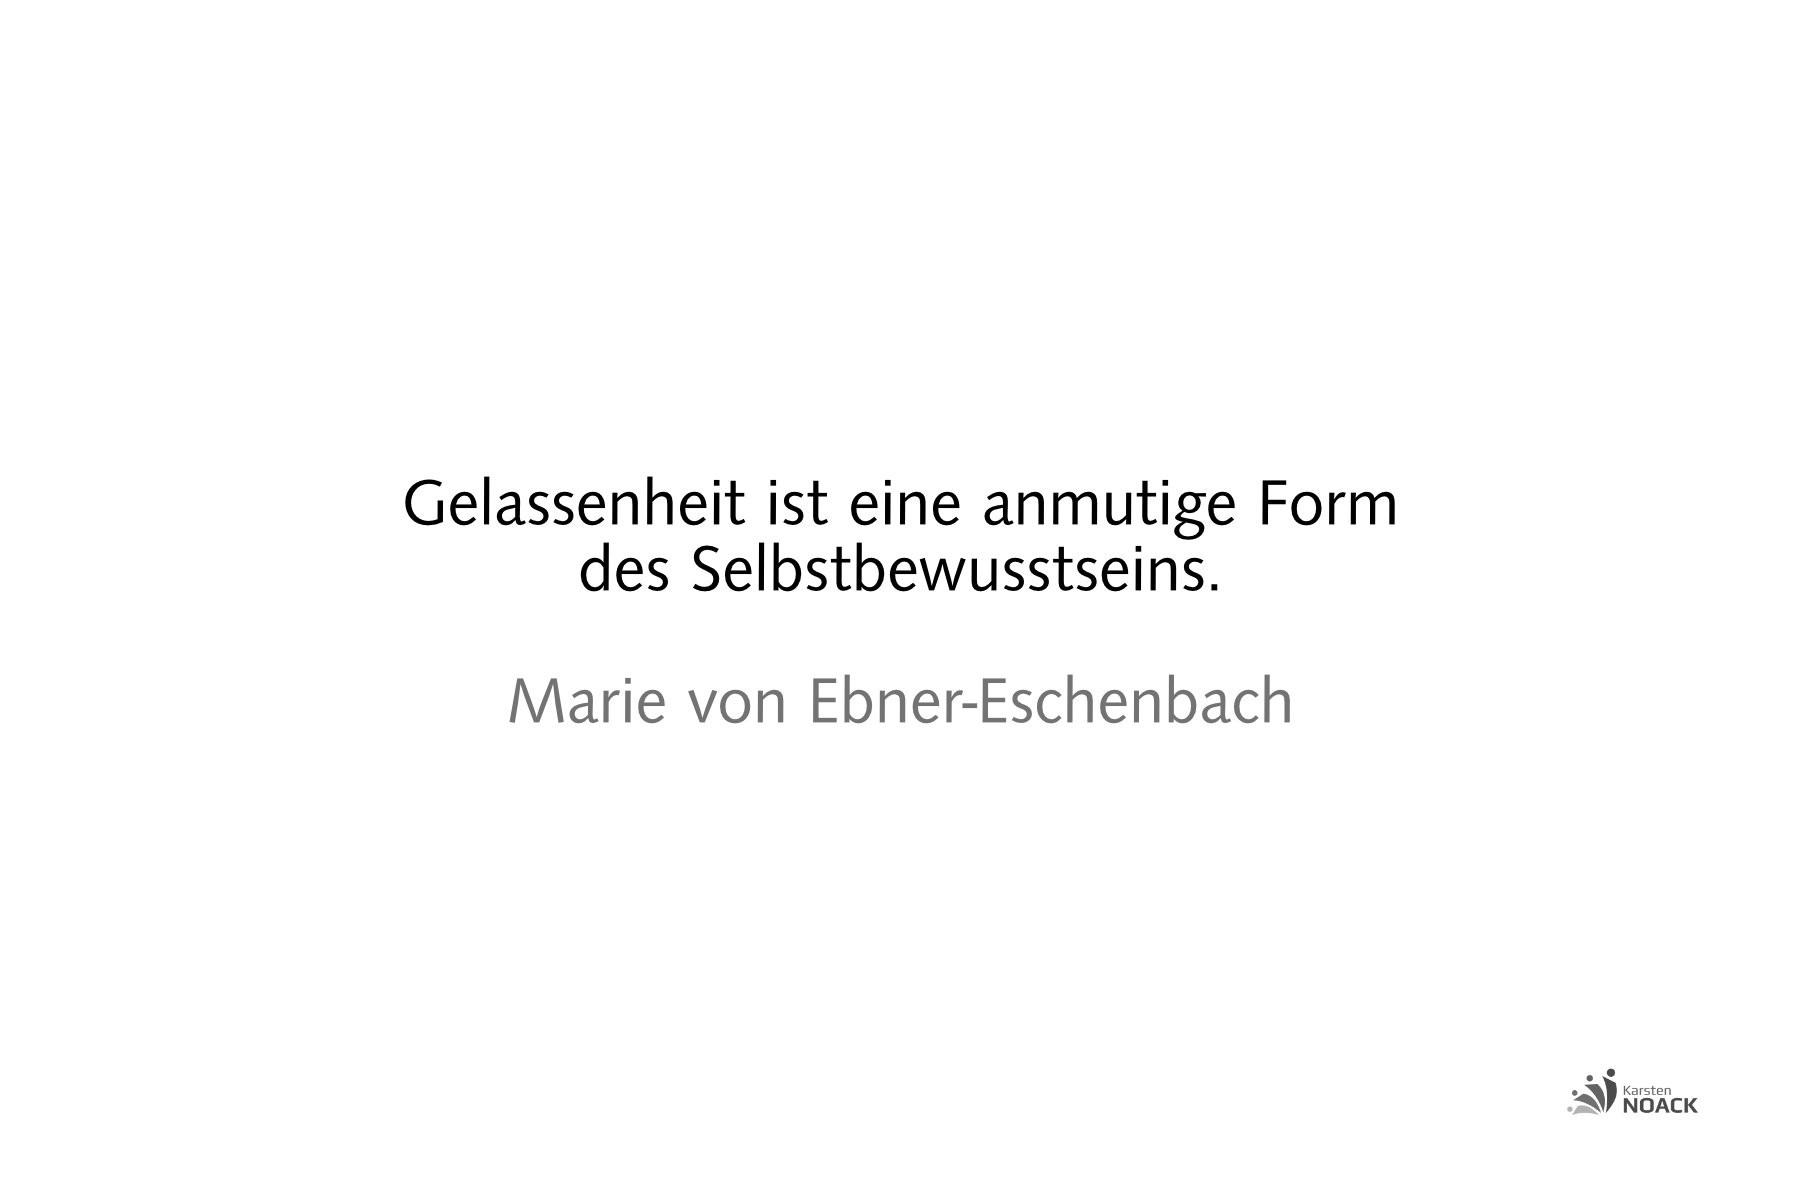 Gelassenheit ist eine anmutige Form des Selbstbewusstseins. Marie von Ebner-Eschenbach